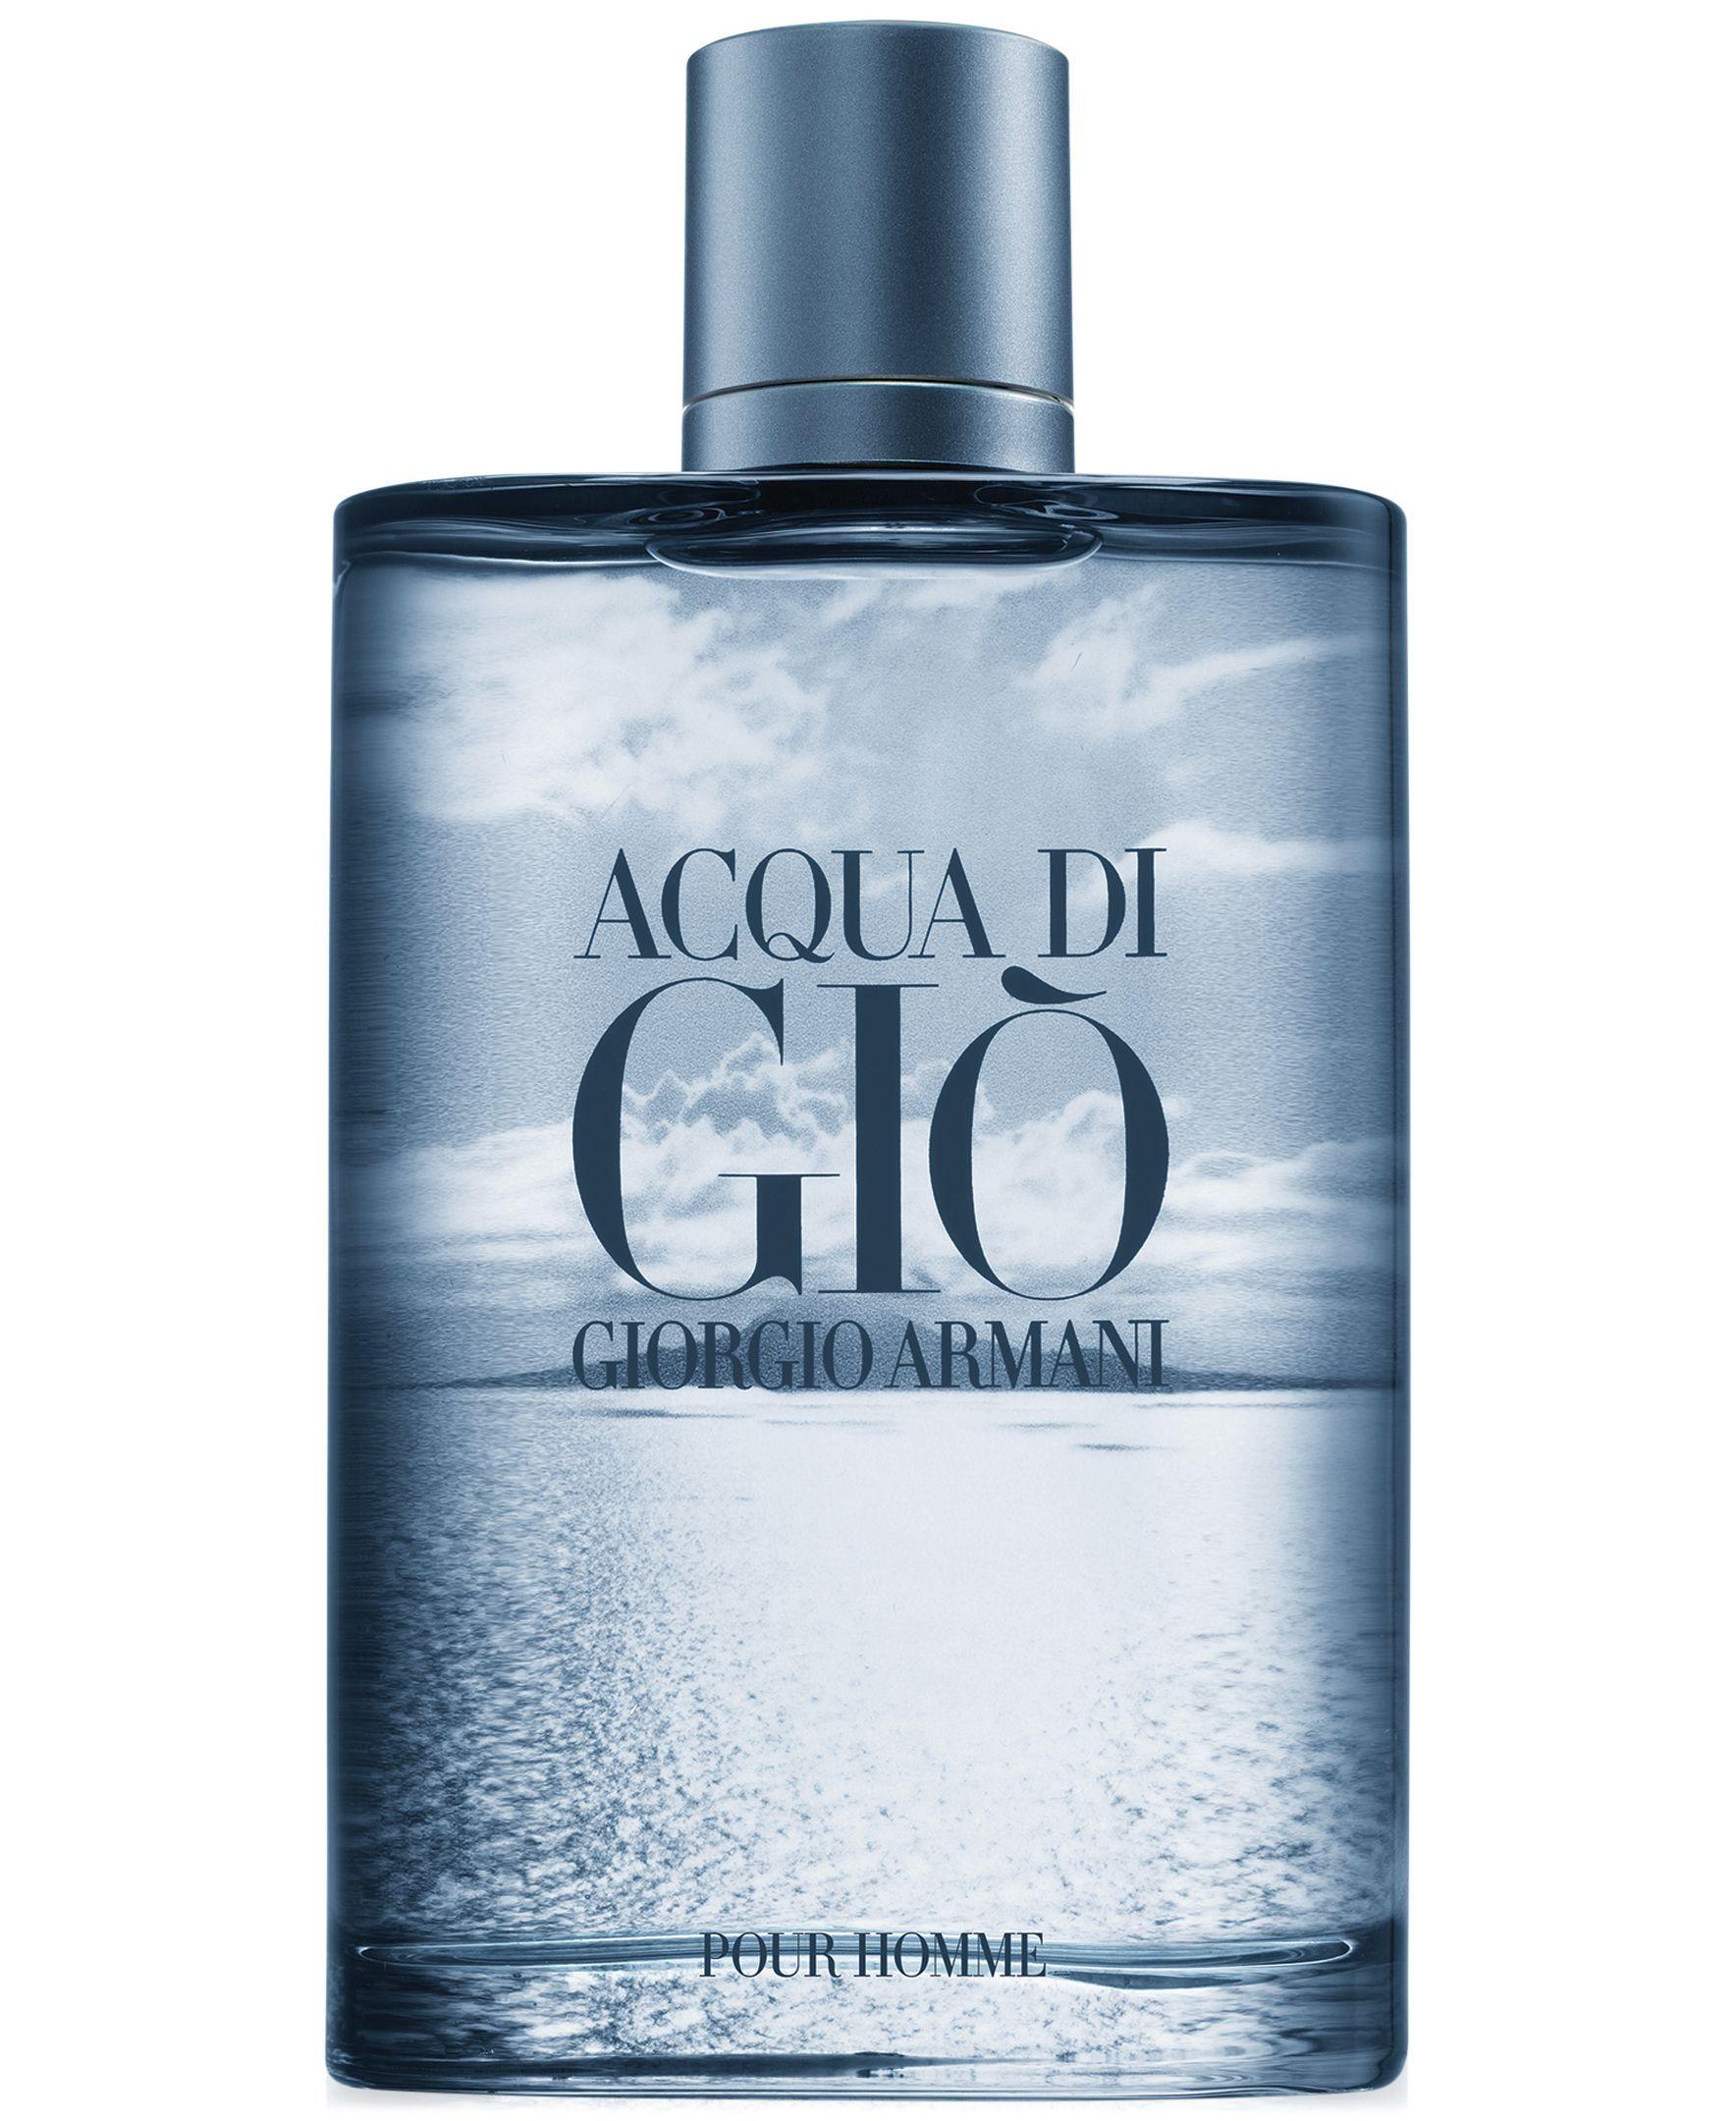 Giorgio Armani Acqua For Life Acqua Di Gio Eau De Toilette Spray